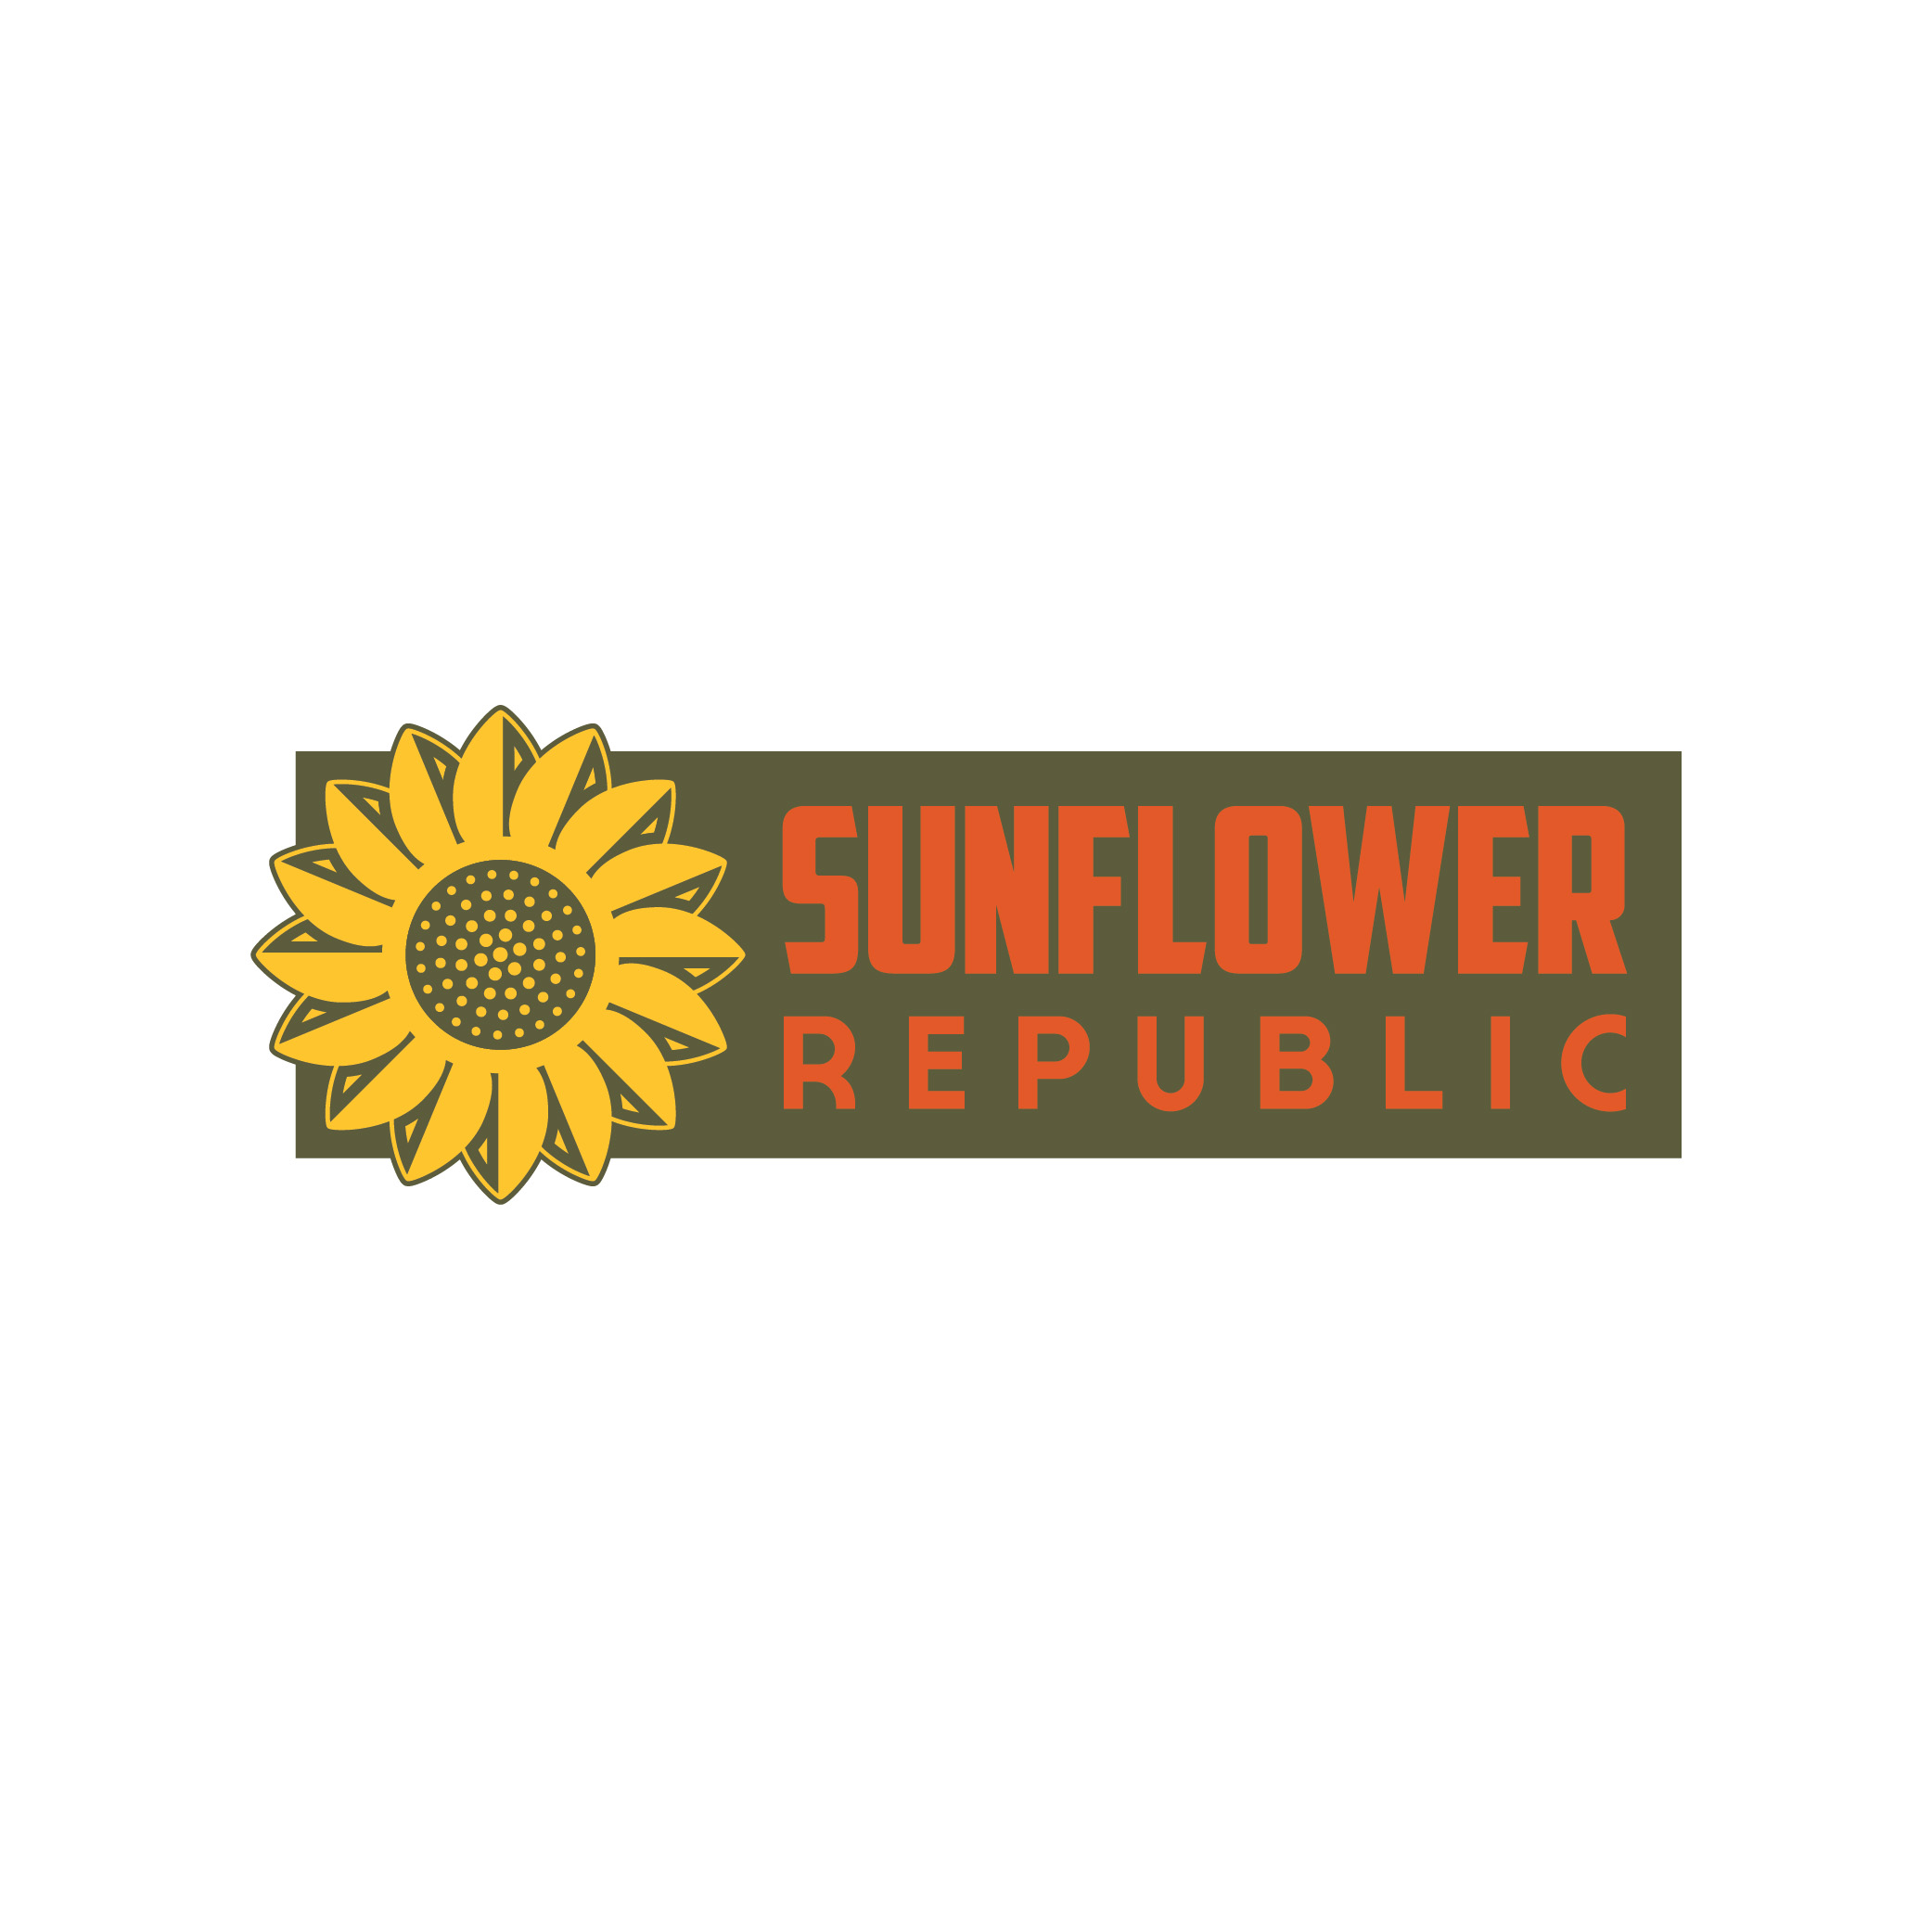 sunflowerrepublic.jpg